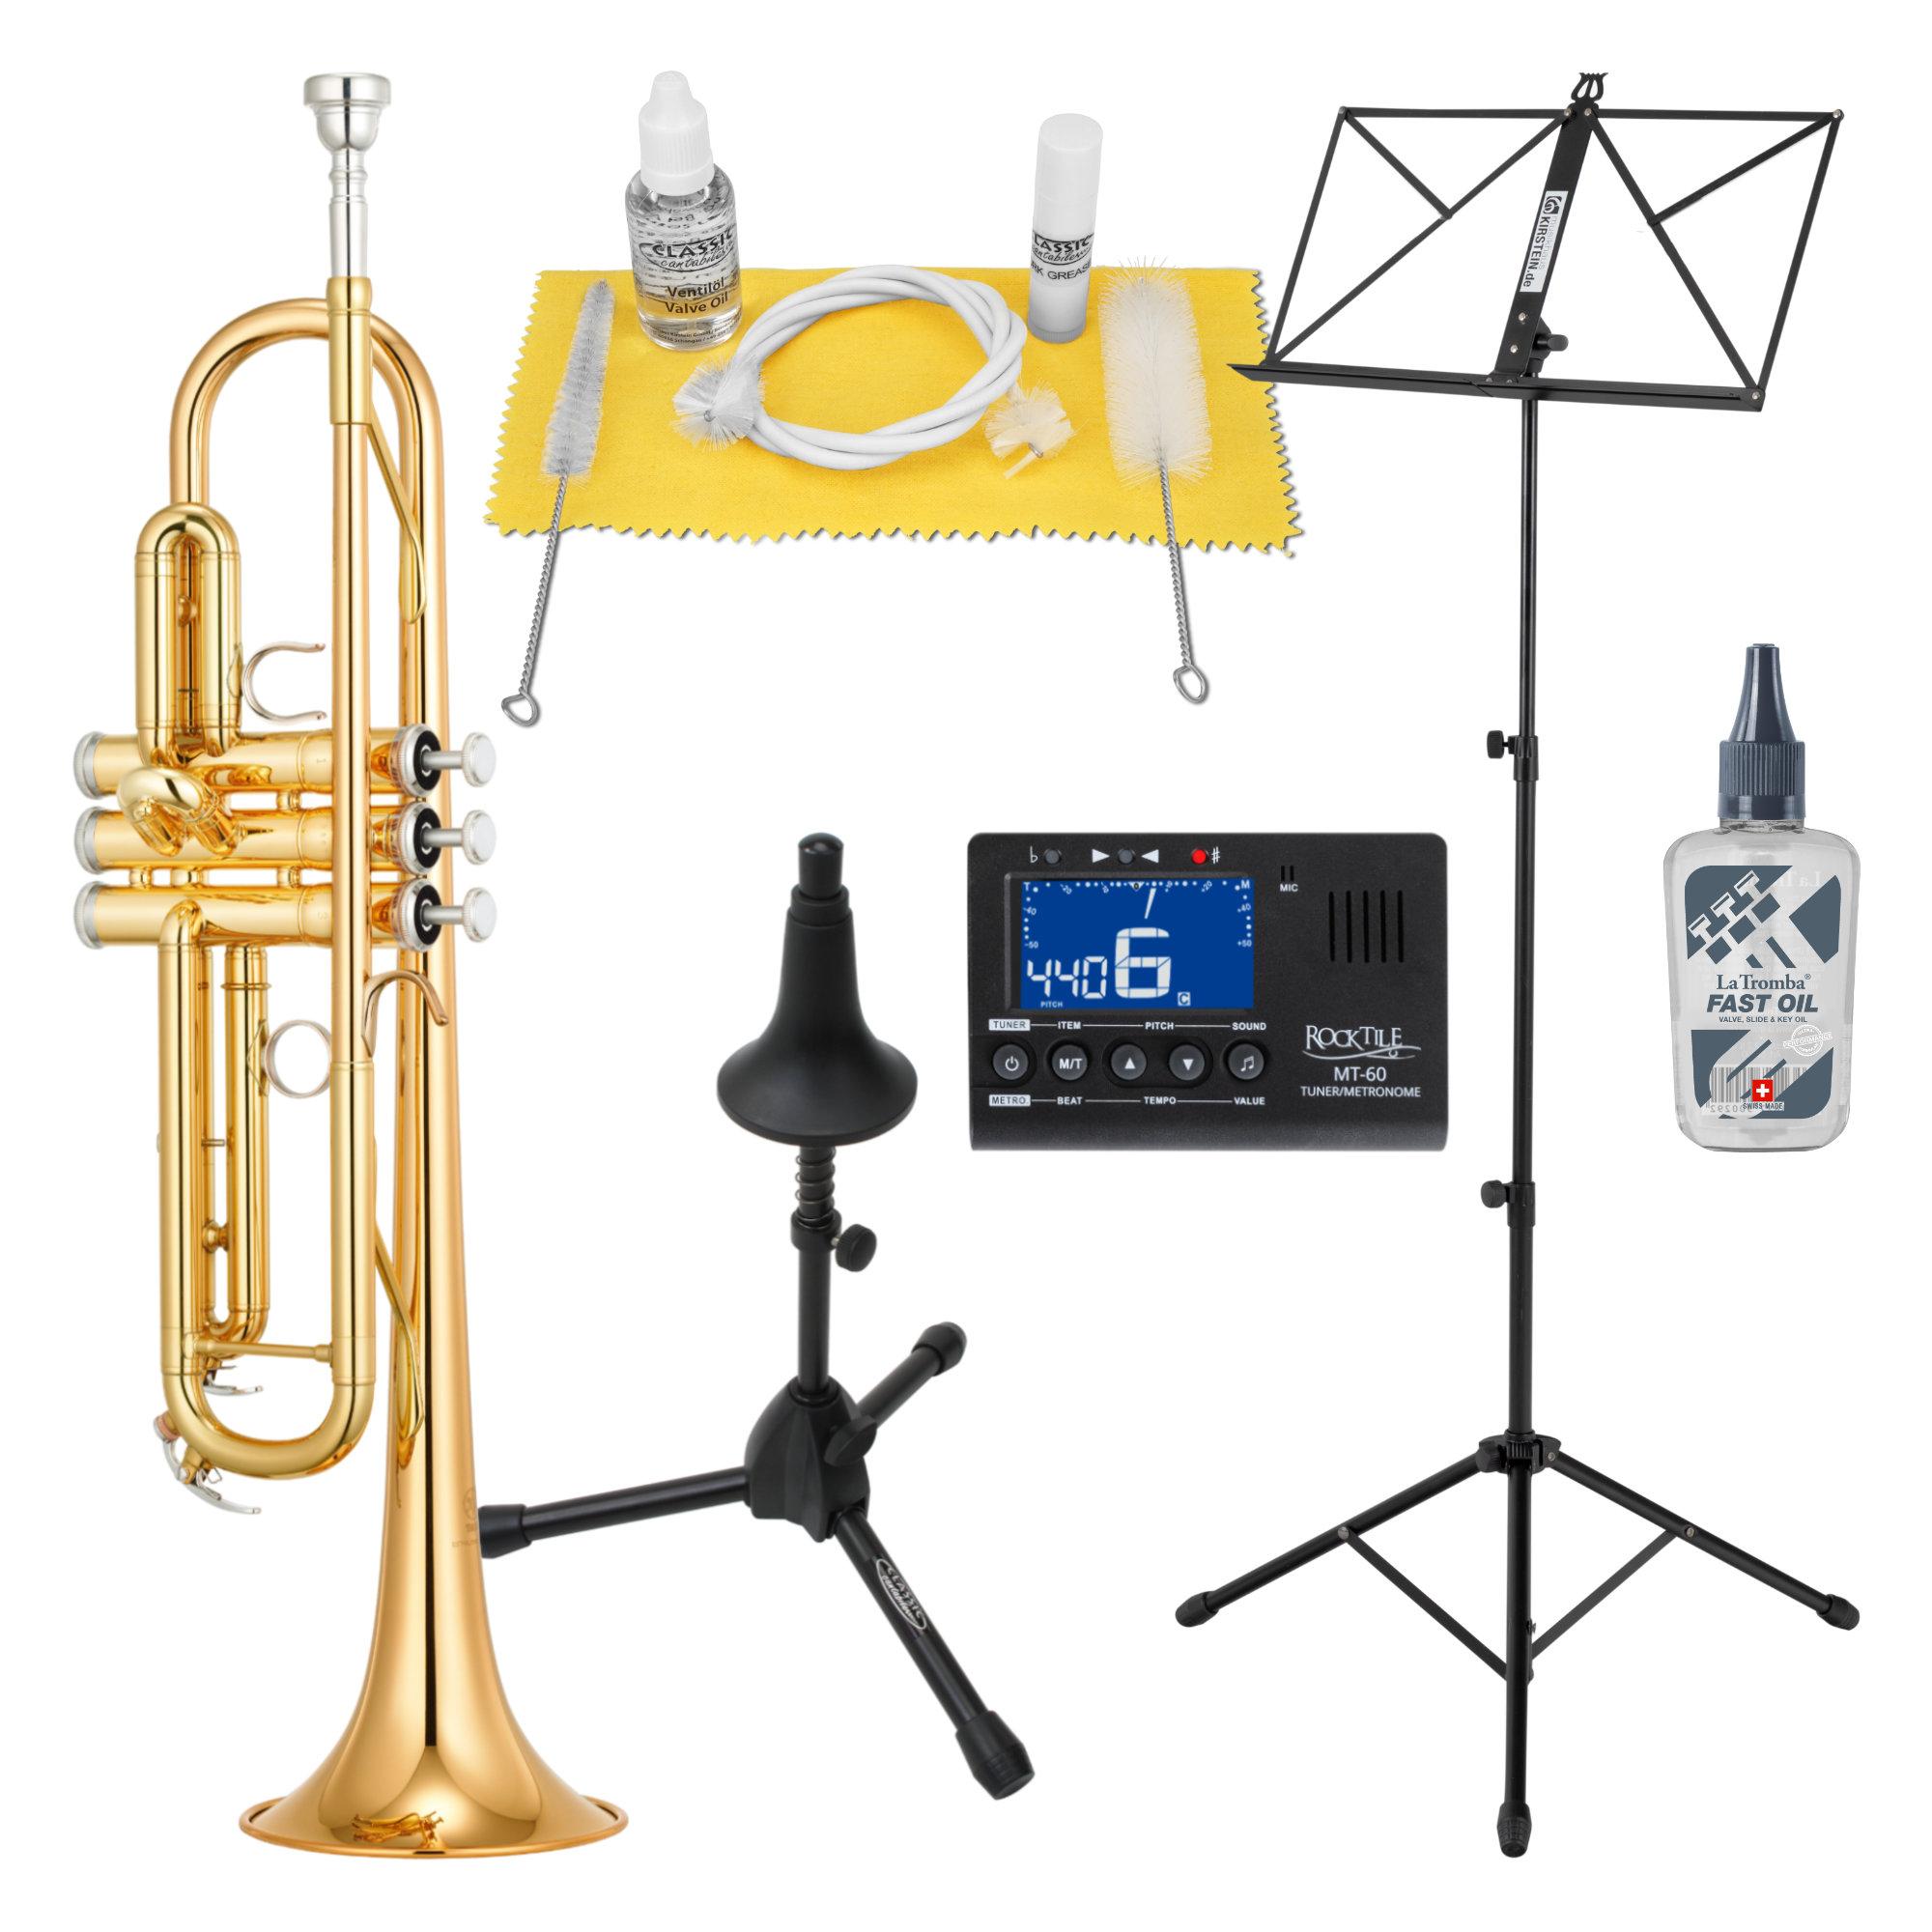 Yamaha YTR 4335 GII Bb Trompete SET inkl. Ständer Metronom Notenständer Reinigungsset